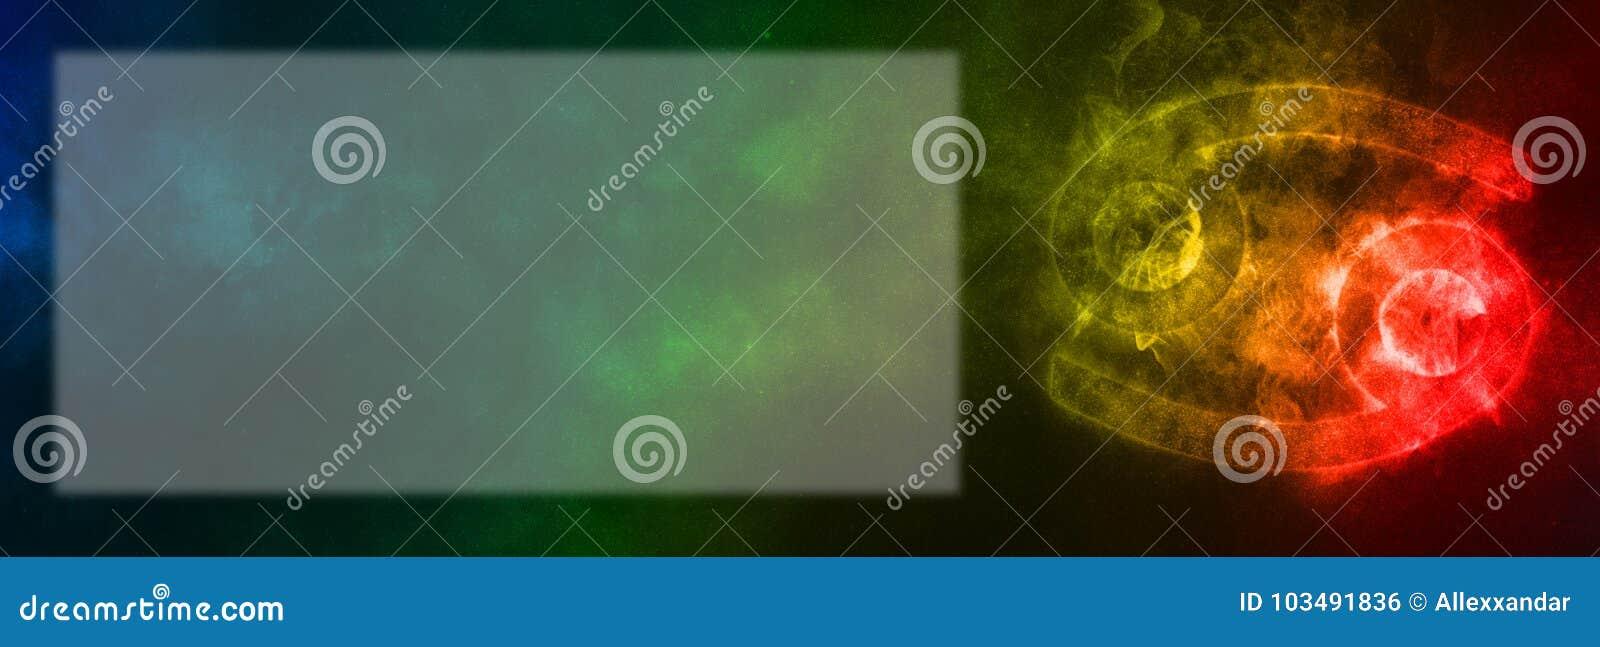 巨蟹星座黄道带标志 巨蟹星座占星标志 模板文本室